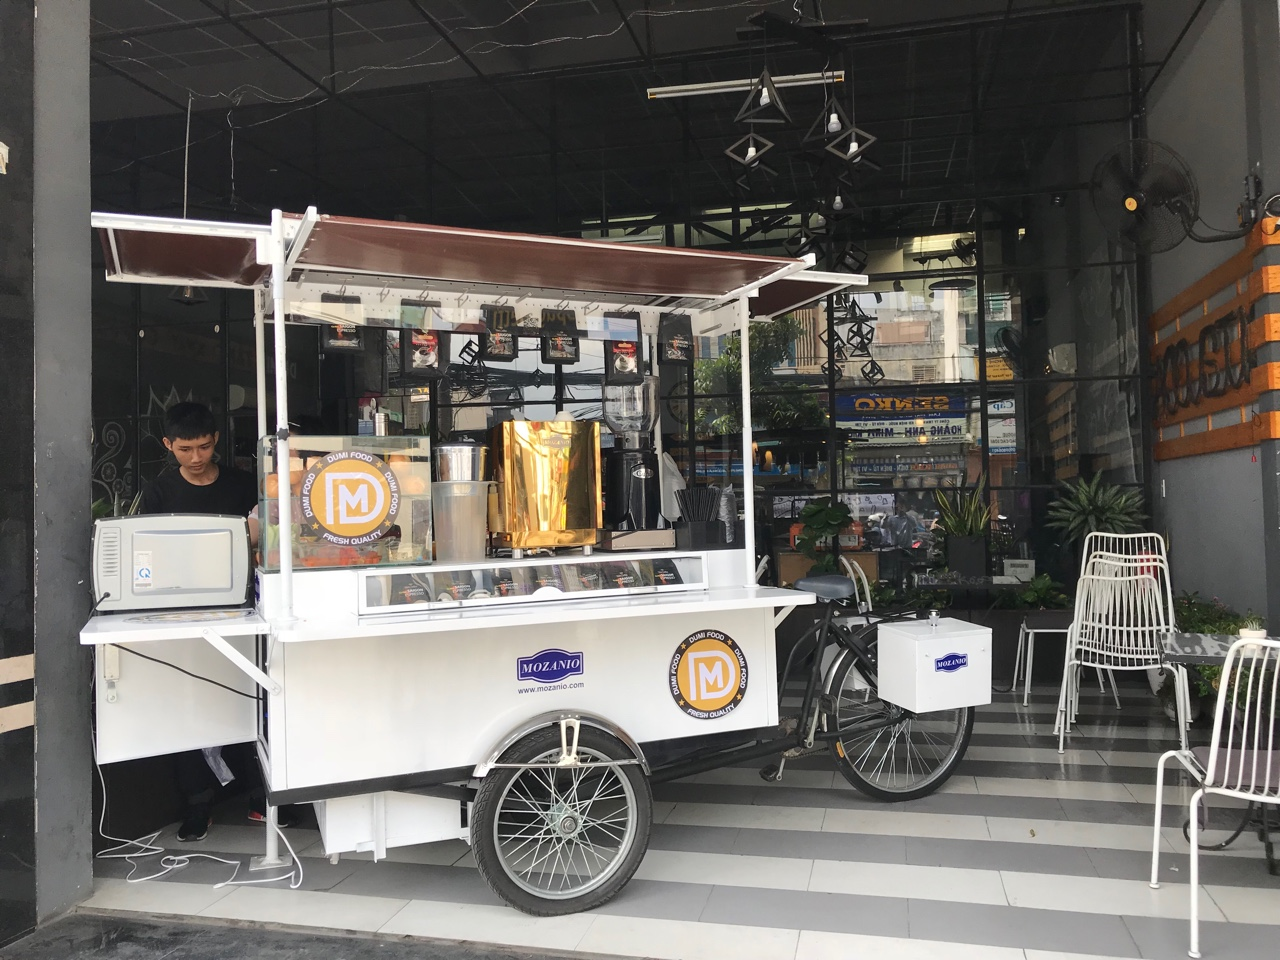 Mẫu xe cafe take away MozaBike của Mazanio